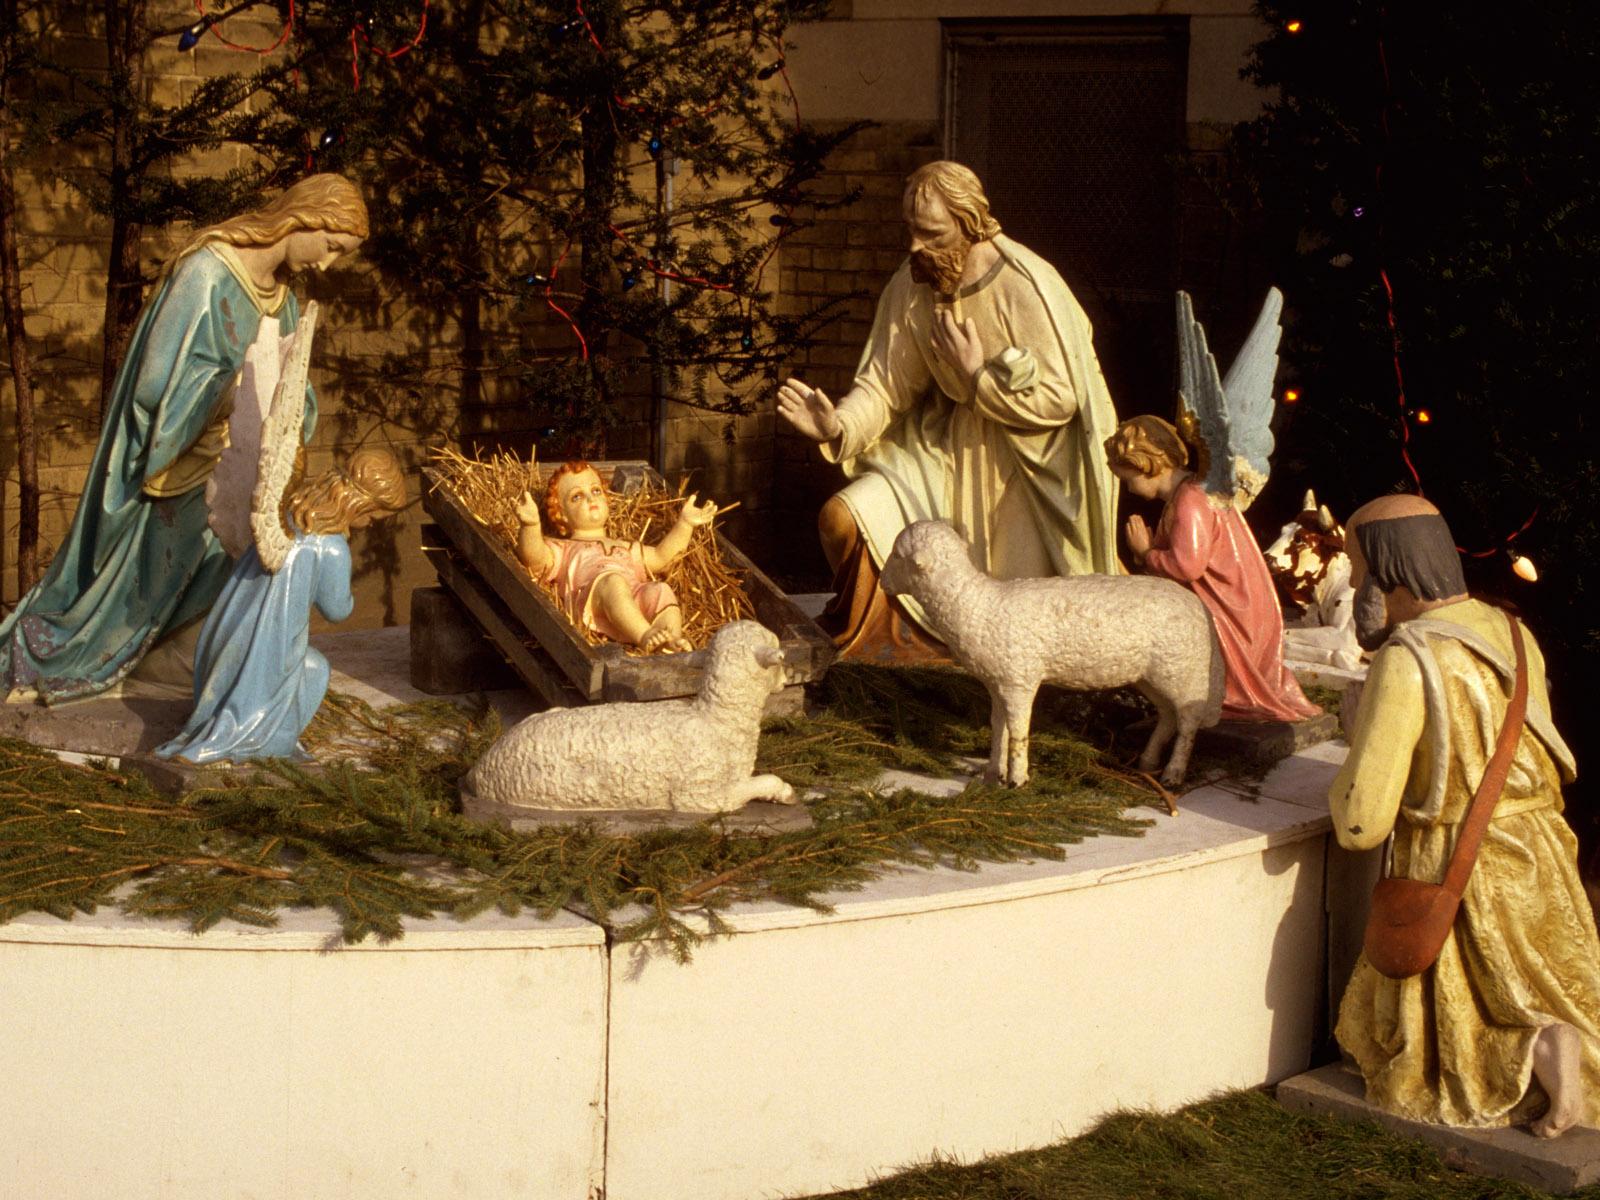 Христианские рождественские картинки на рабочий стол на весь экран, букеты